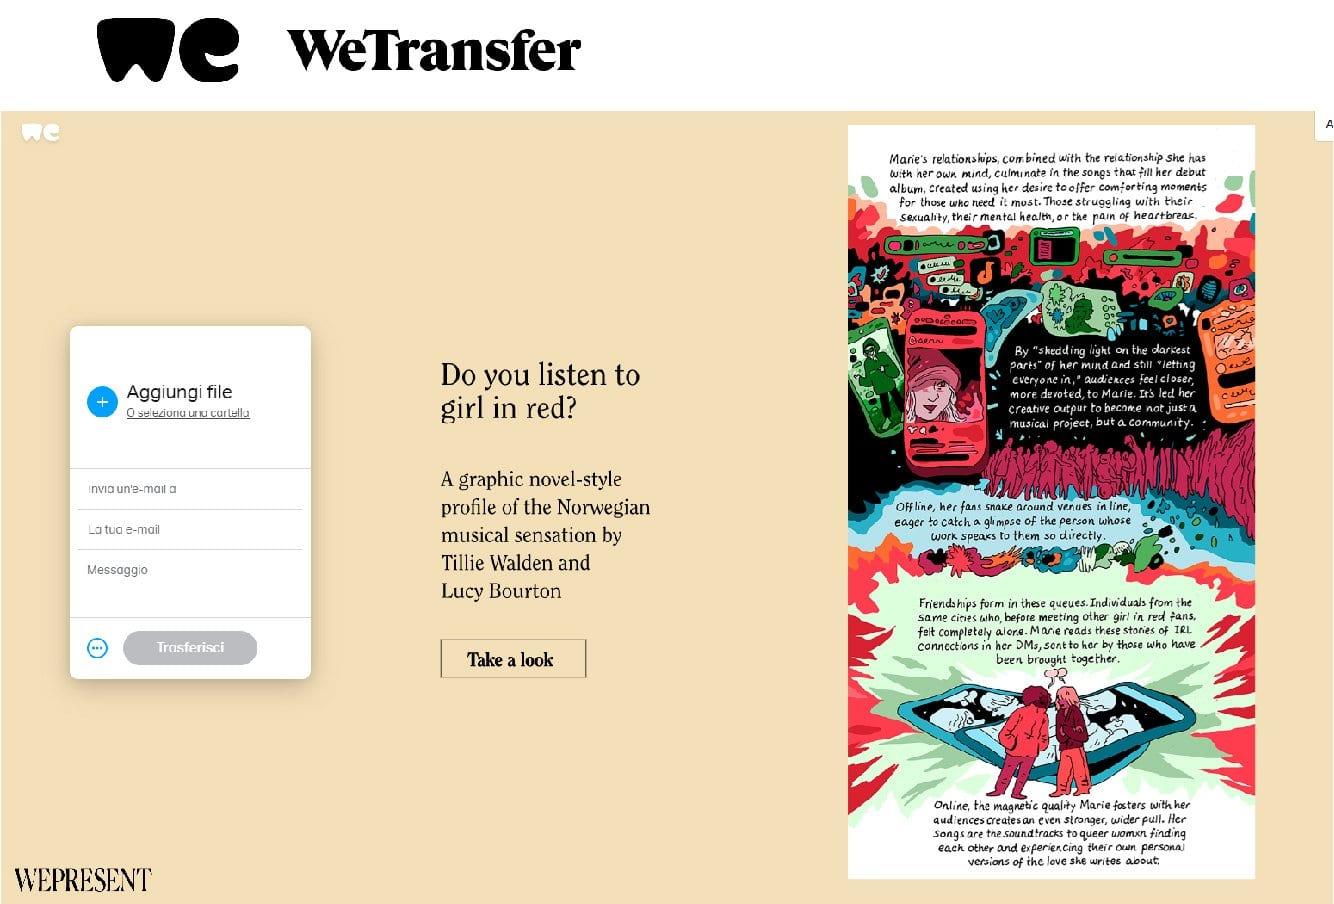 Inviare documenti con WeTransfer - 1